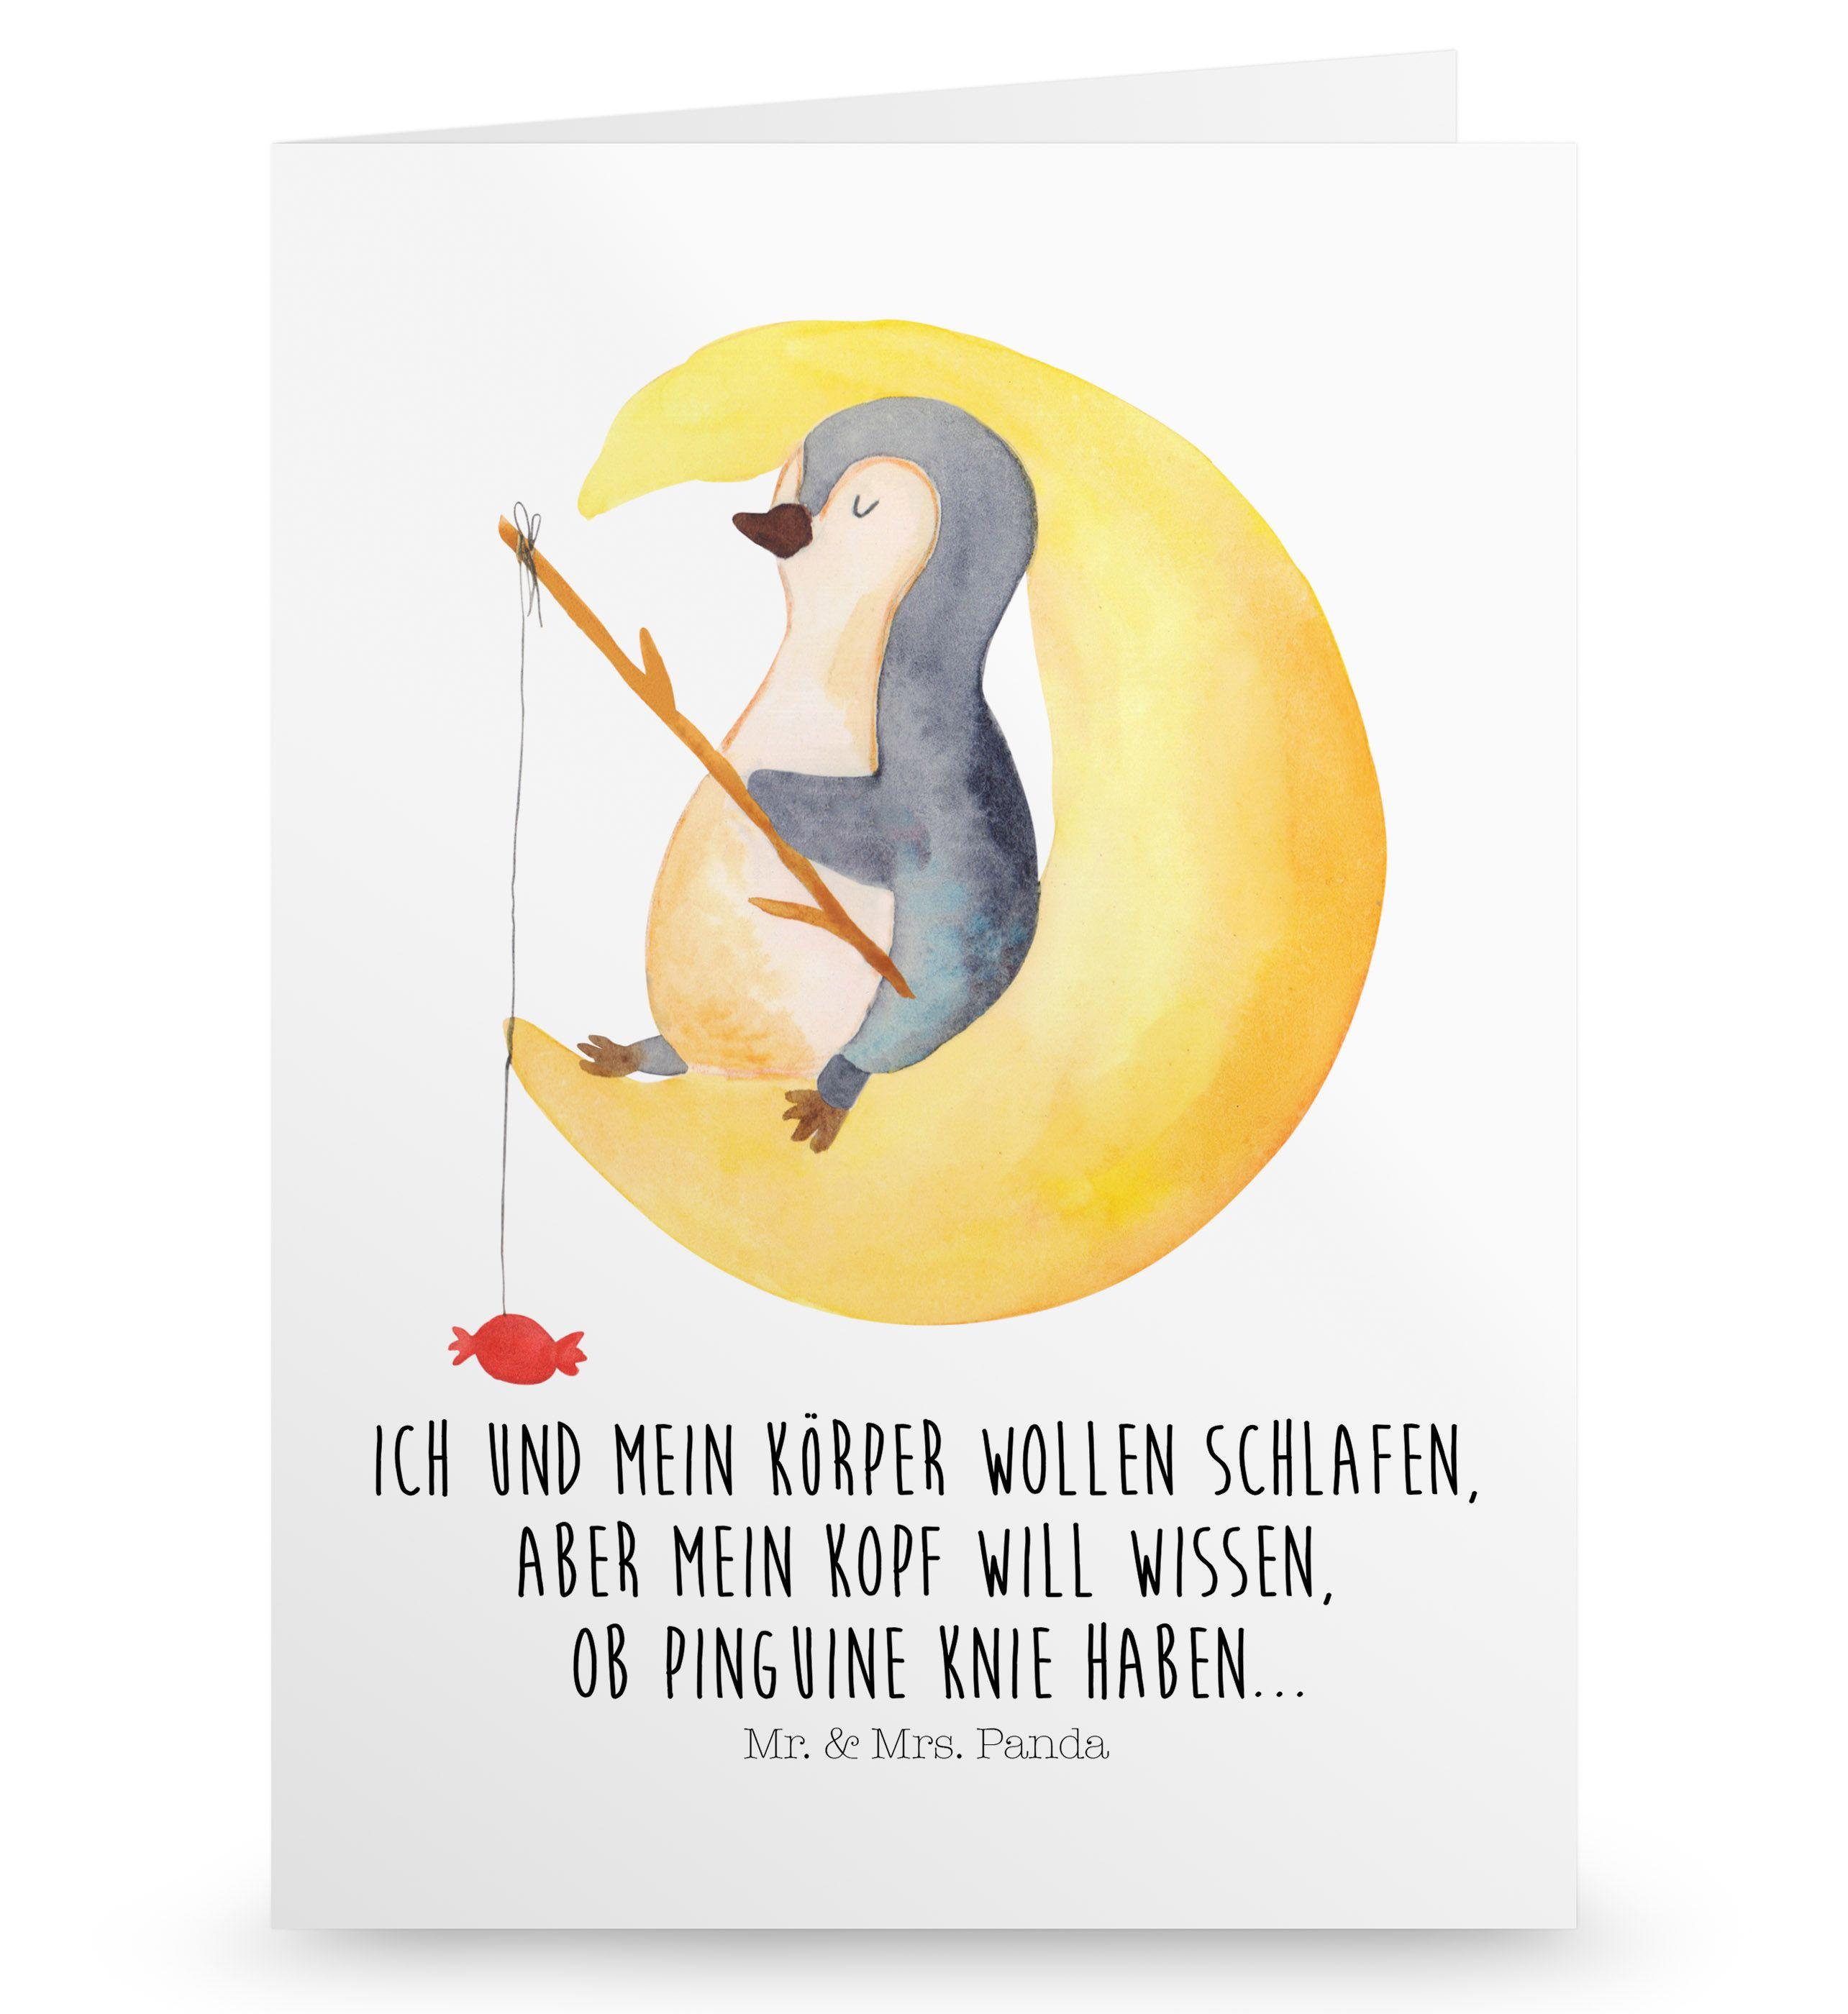 Grußkarte Pinguin Mond aus Karton 300 Gramm  weiß - Das Original von Mr. & Mrs. Panda.  Die wunderschöne Grußkarte von Mr. & Mrs. Panda im Format Din Hochkant ist auf einem sehr hochwertigem Karton gedruckt. Der leichte Glanz der Klappkarte macht das Produkt sehr edel. Die Innenseite lässt sich mit deiner eigenen Botschaft beschriften.    Über unser Motiv Pinguin Mond      Verwendete Materialien  Diese wunderschöne Produkt aus edlem und hochwertigem 300 Gramm Papier wurde matt glänzend bedruckt